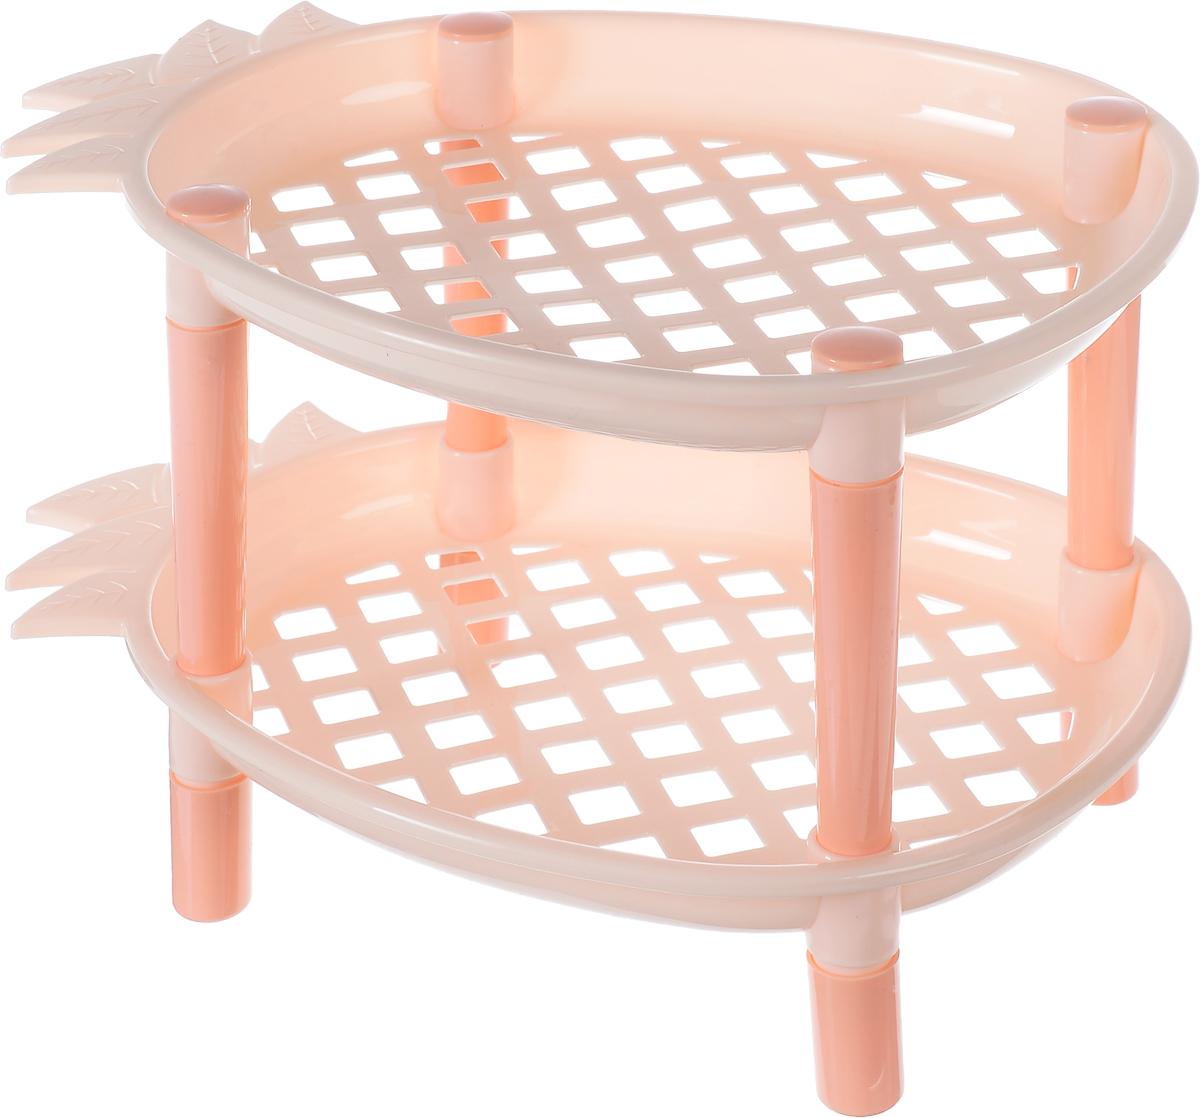 Этажерка 2-х ярусная Sima-land Ананас, цвет: персиковый, 27 х 19 х 18 см799813_персиковыйЭтажерка Sima-land Ананас выполнена из высококачественного прочного пластика. Содержит 2 полки в форме ананаса, оформленные перфорацией в виде ромбов. Этажерка предназначена для хранения различных бытовых предметов в ванне, комнате и на кухне. Легко складывается и раскладывается. Размер этажерки: 27 х 19 х 18 см. Размер полки: 27 х 19 х 3 см.